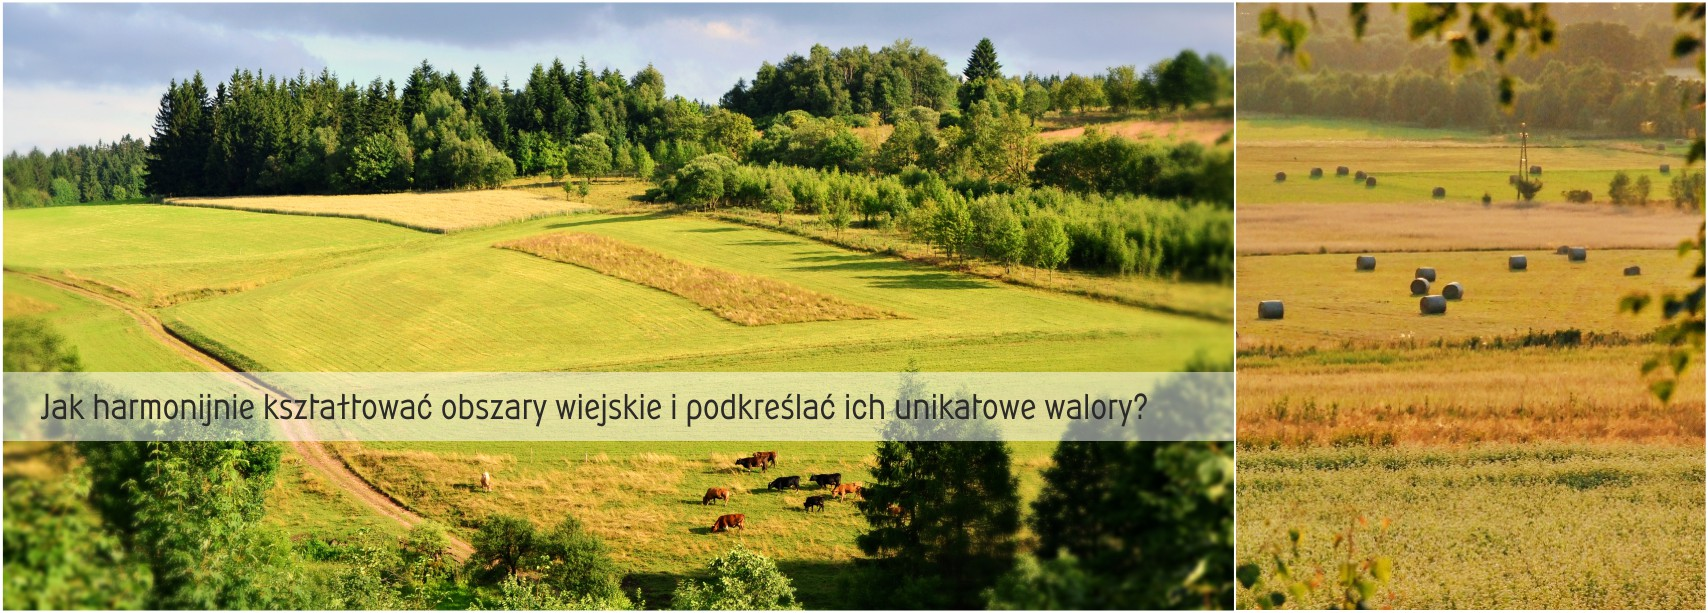 opracowanie wiejskie